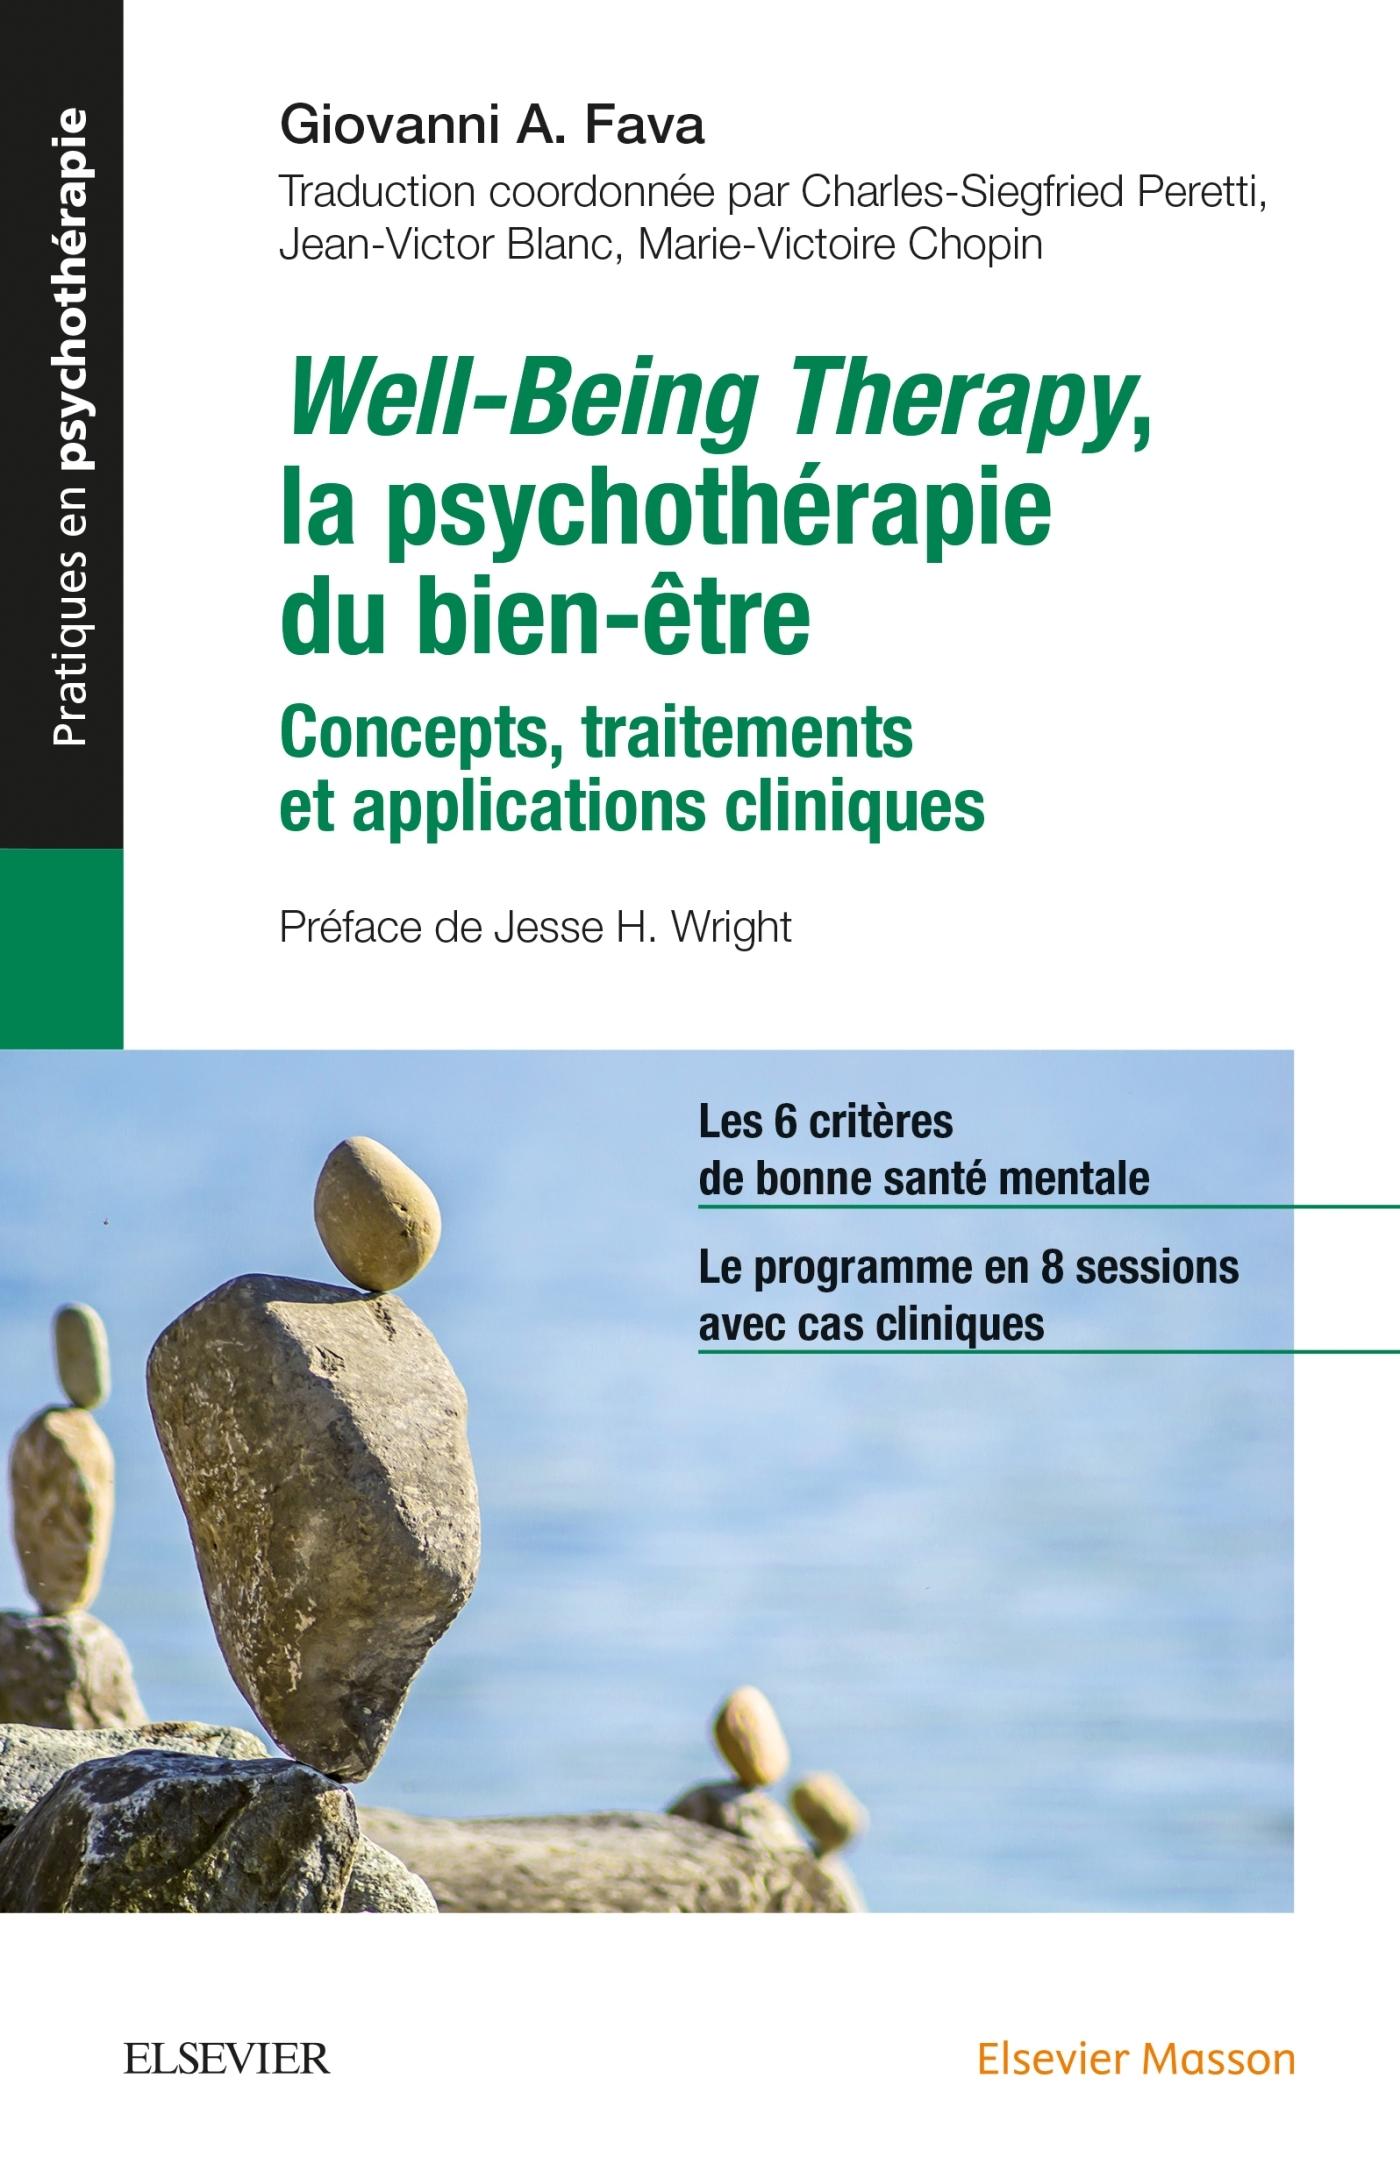 WELL-BEING THERAPY. LA PSYCHOTHERAPIE DU BIEN-ETRE - CONCEPTS, TRAITEMENTS ET APPLICATIONS CLINIQUES